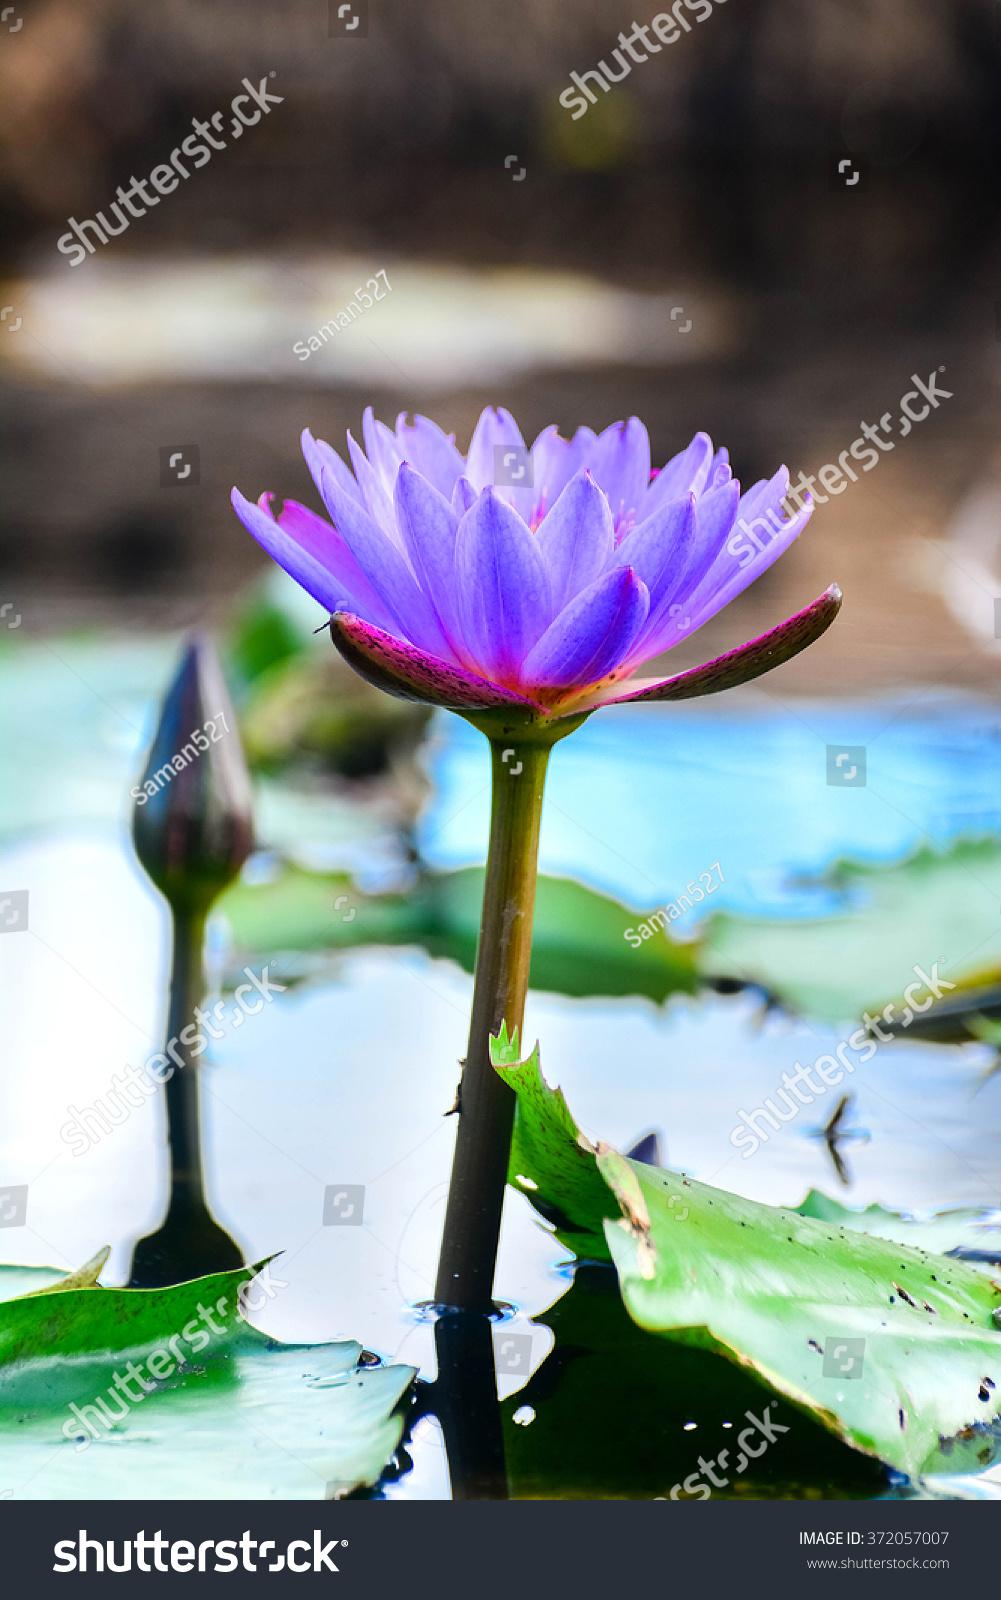 Nil manel blue water lily flower stock photo edit now 372057007 nil manel or blue water lily flower at royal botanical garden peradeniya sri lanka izmirmasajfo